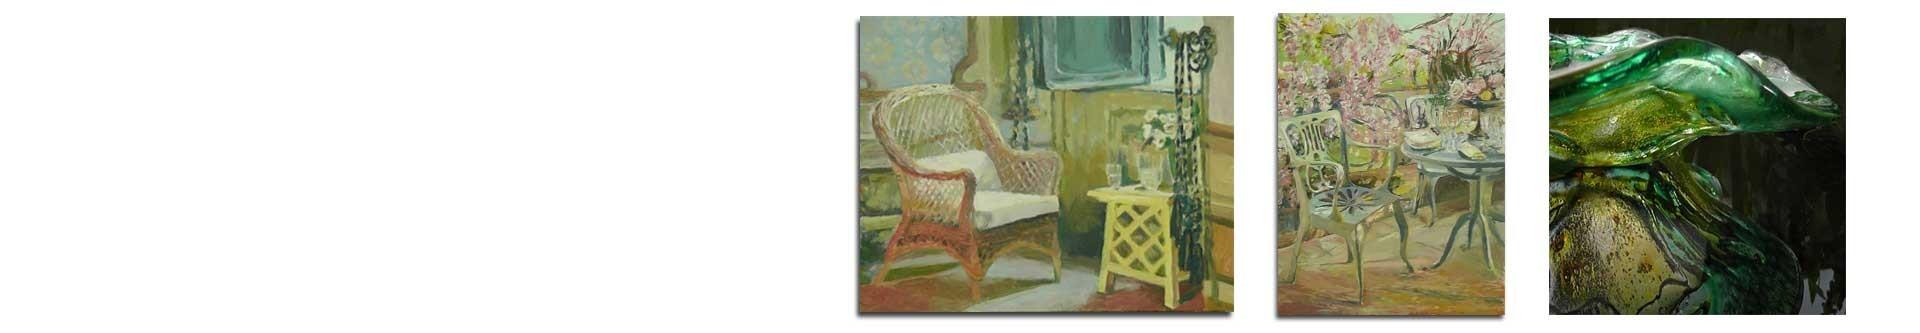 Obrazy ręcznie malowane, grafiki artysty Renaty Bułkszas Nowak • grafikiobrazy.pl